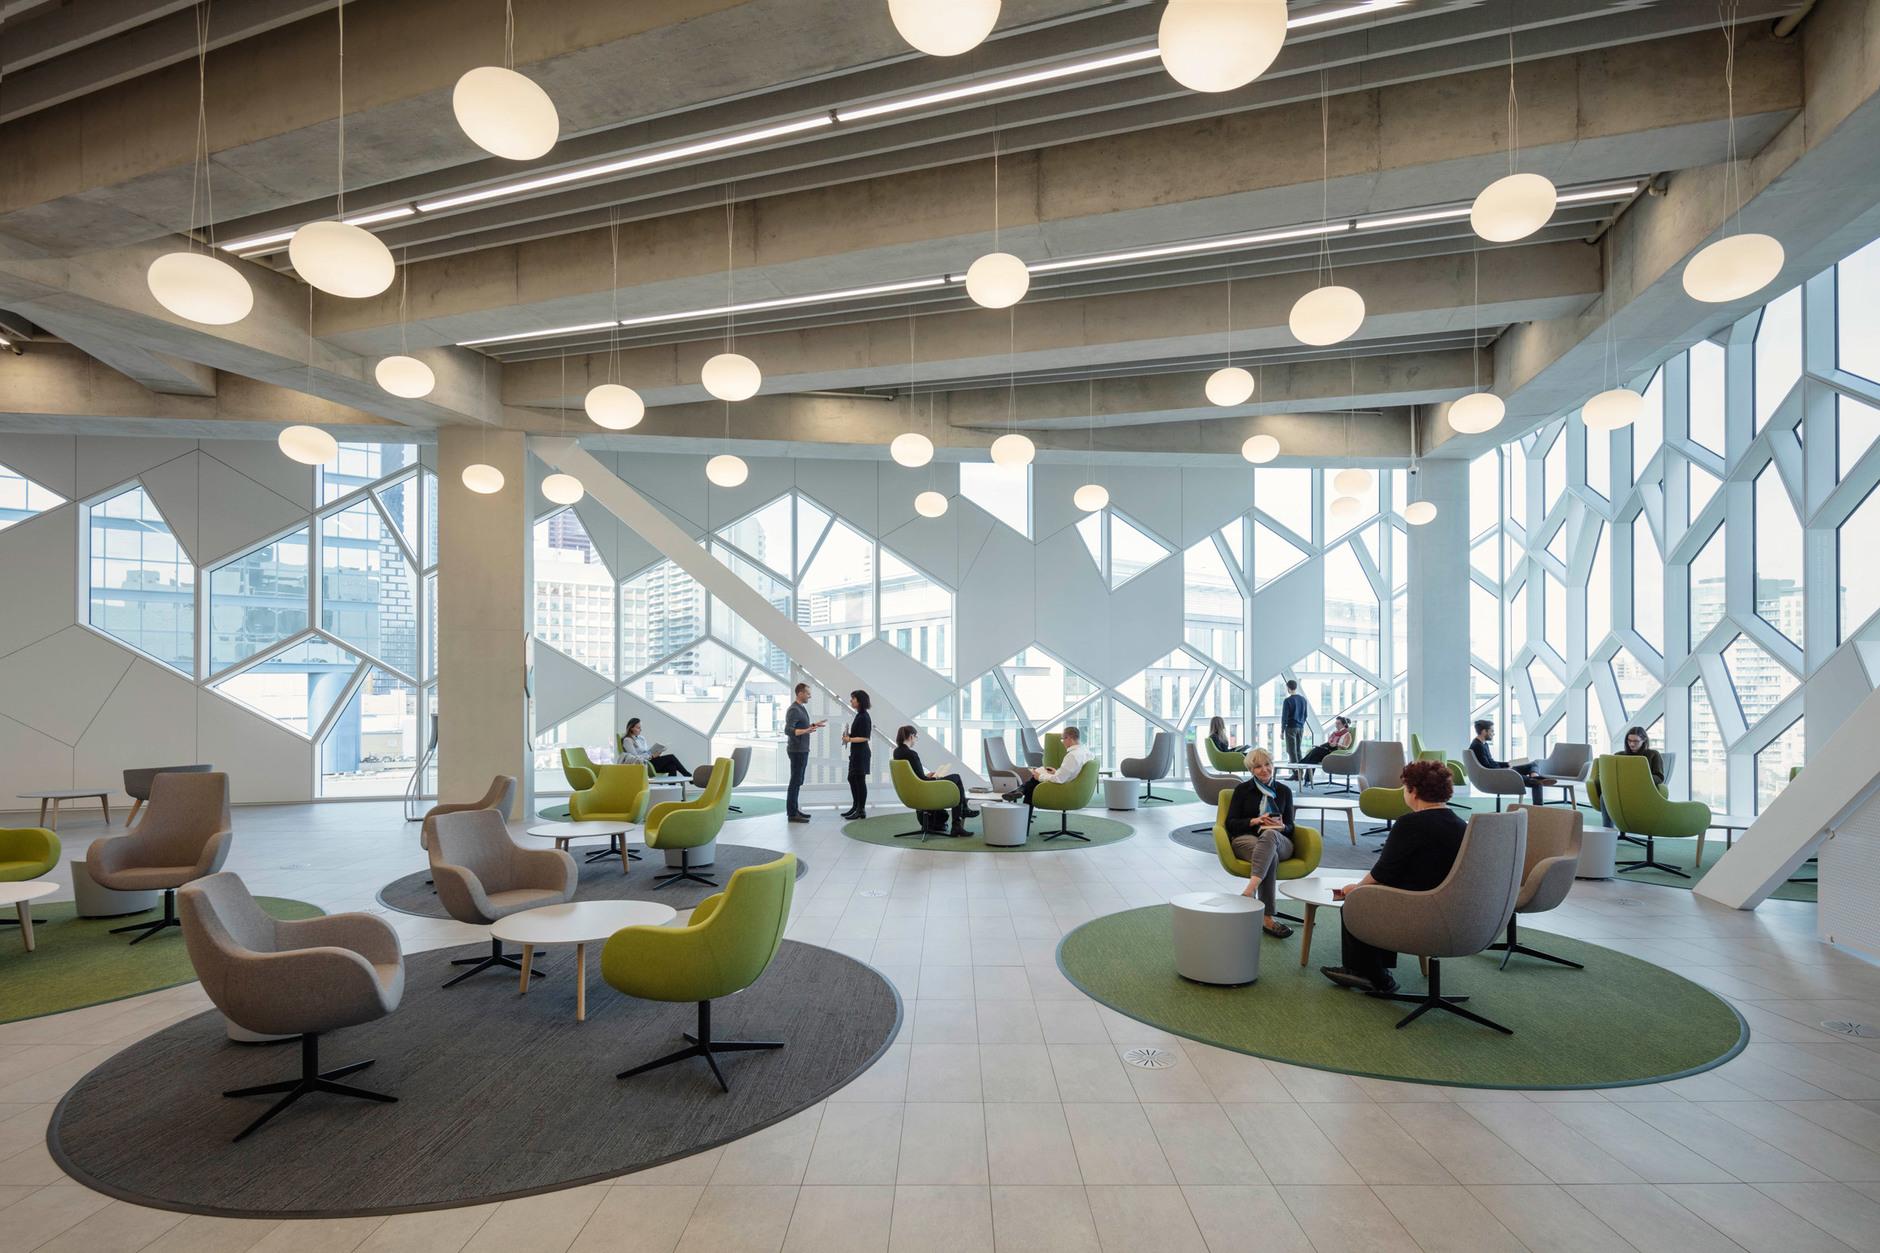 В Калгари открылась городская библиотека по проекту Snøhetta (галерея 10, фото 1)